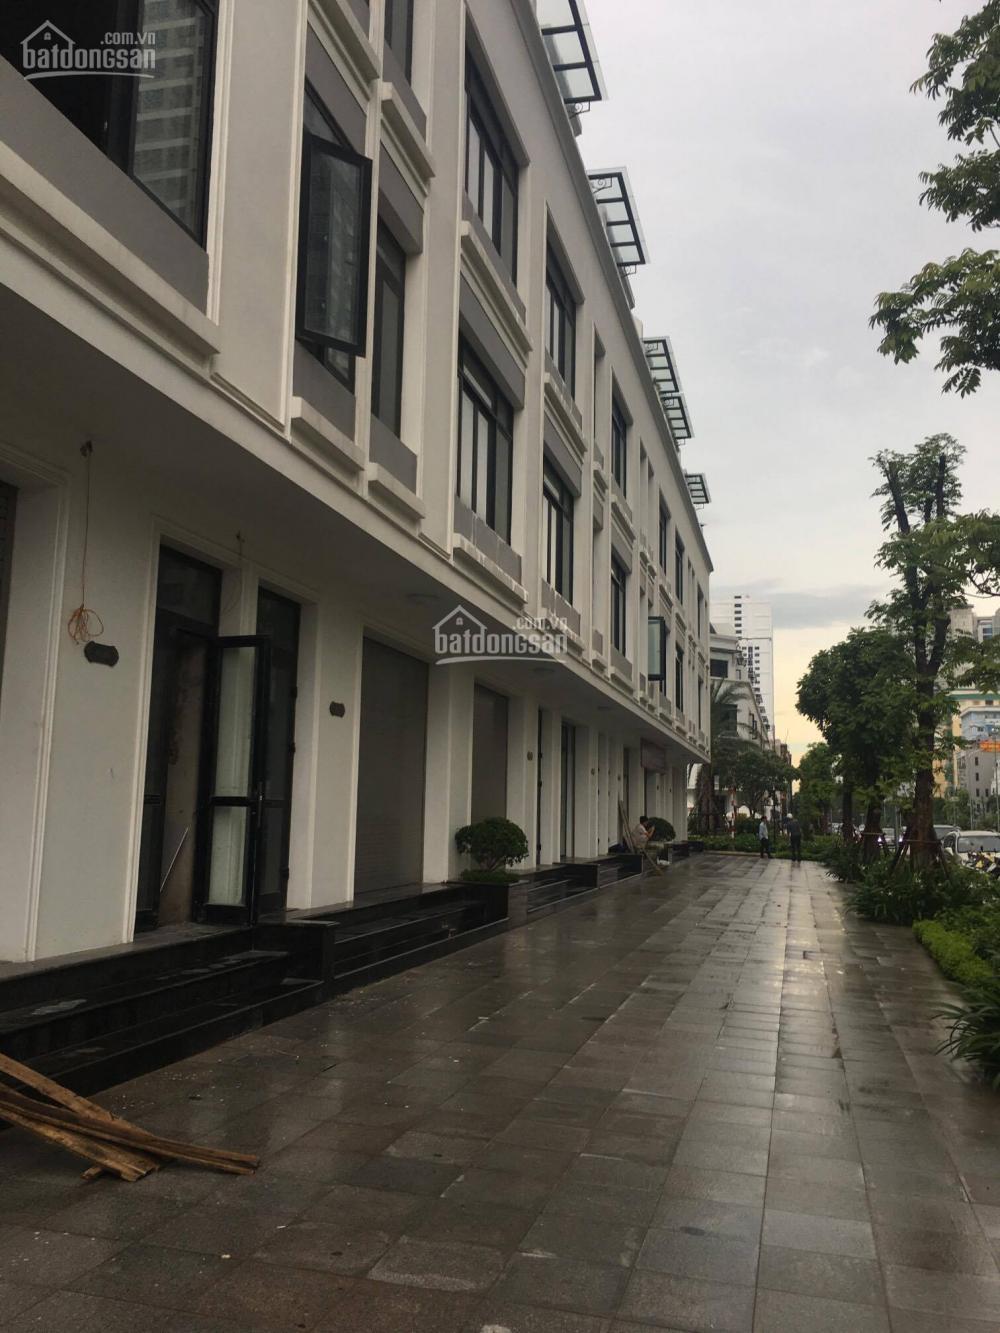 Chính chủ cho thuê sảnh A1, tầng 2 , diện tích 72 m2 view bể bơi giá 25tr /tháng  8077130